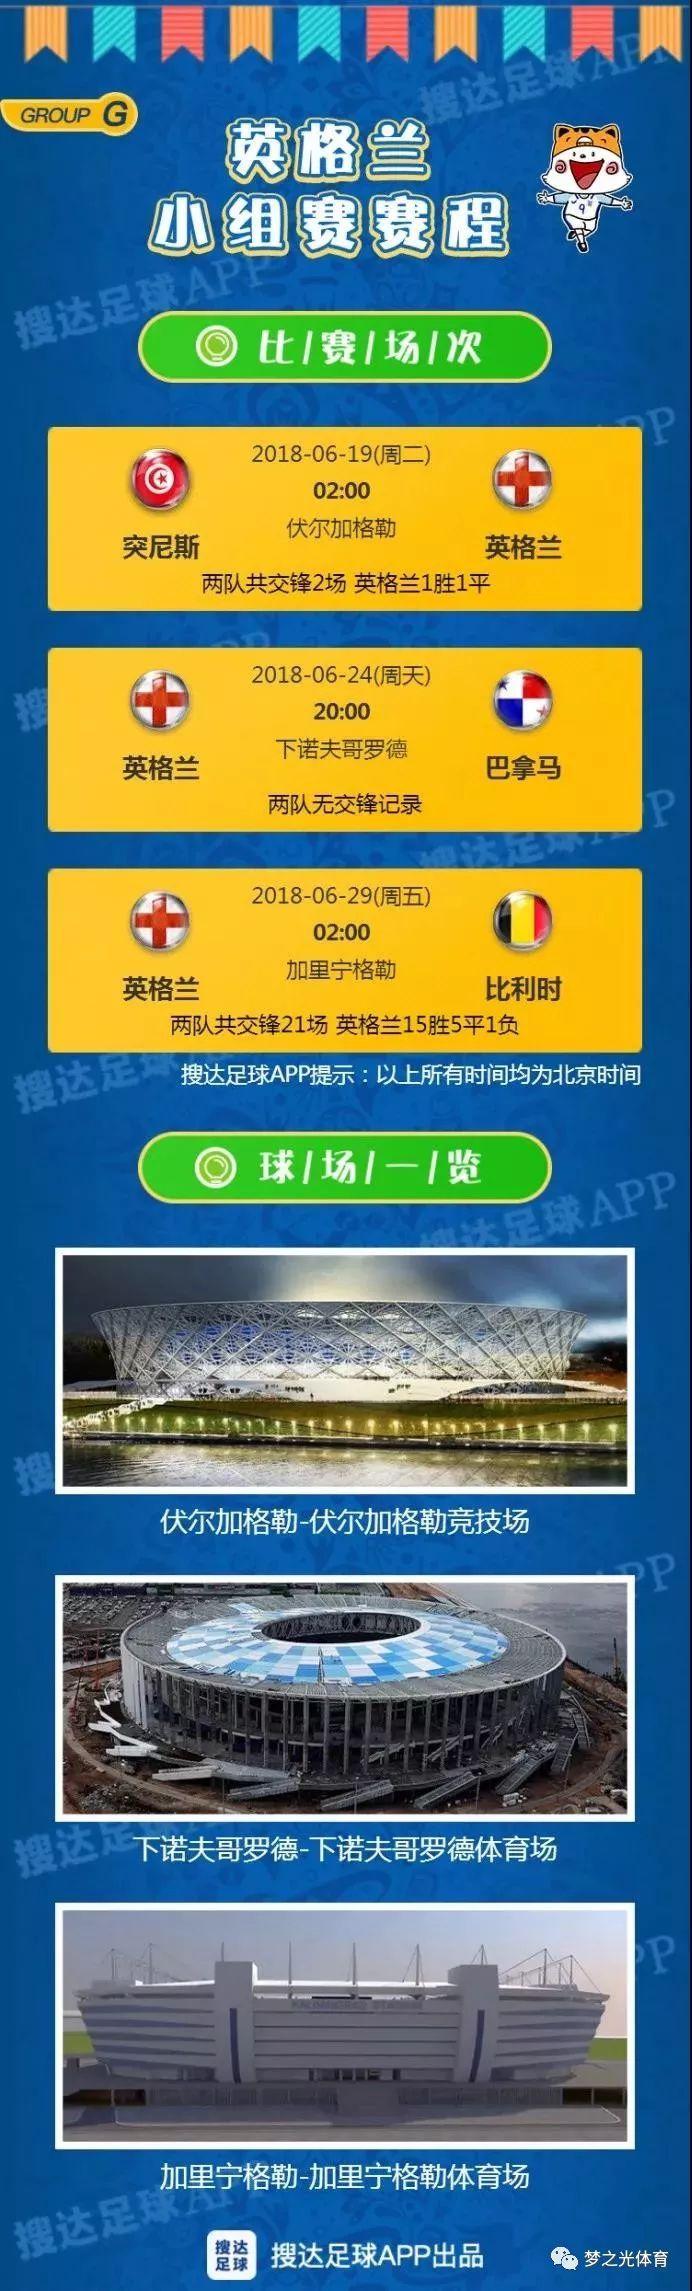 2018俄罗斯世界杯完整赛程表北京时间 2018世界杯32强